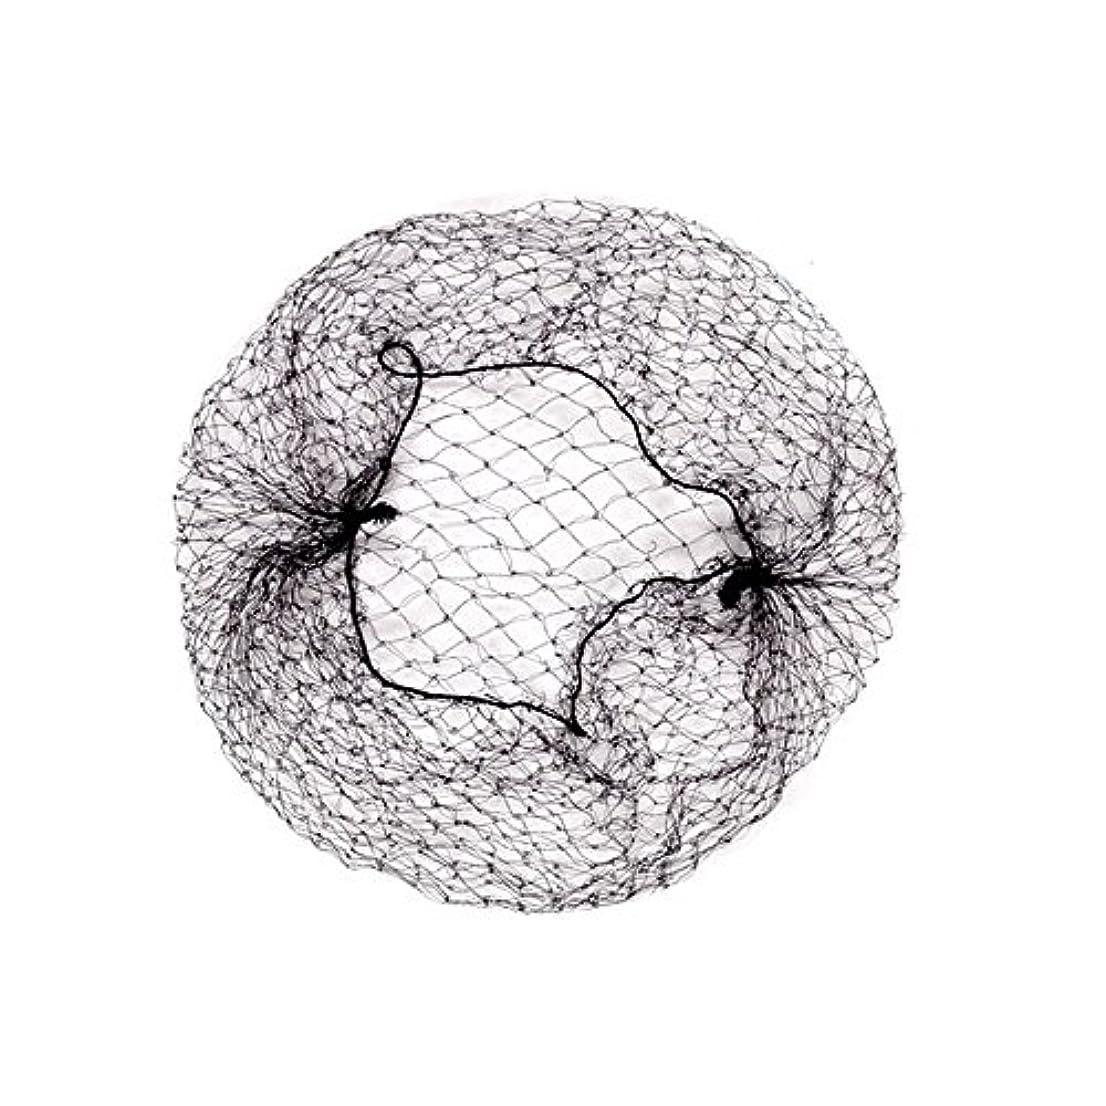 種類セクション髪束ねネットセット(アシアナネット) ファッション小物 60枚セット